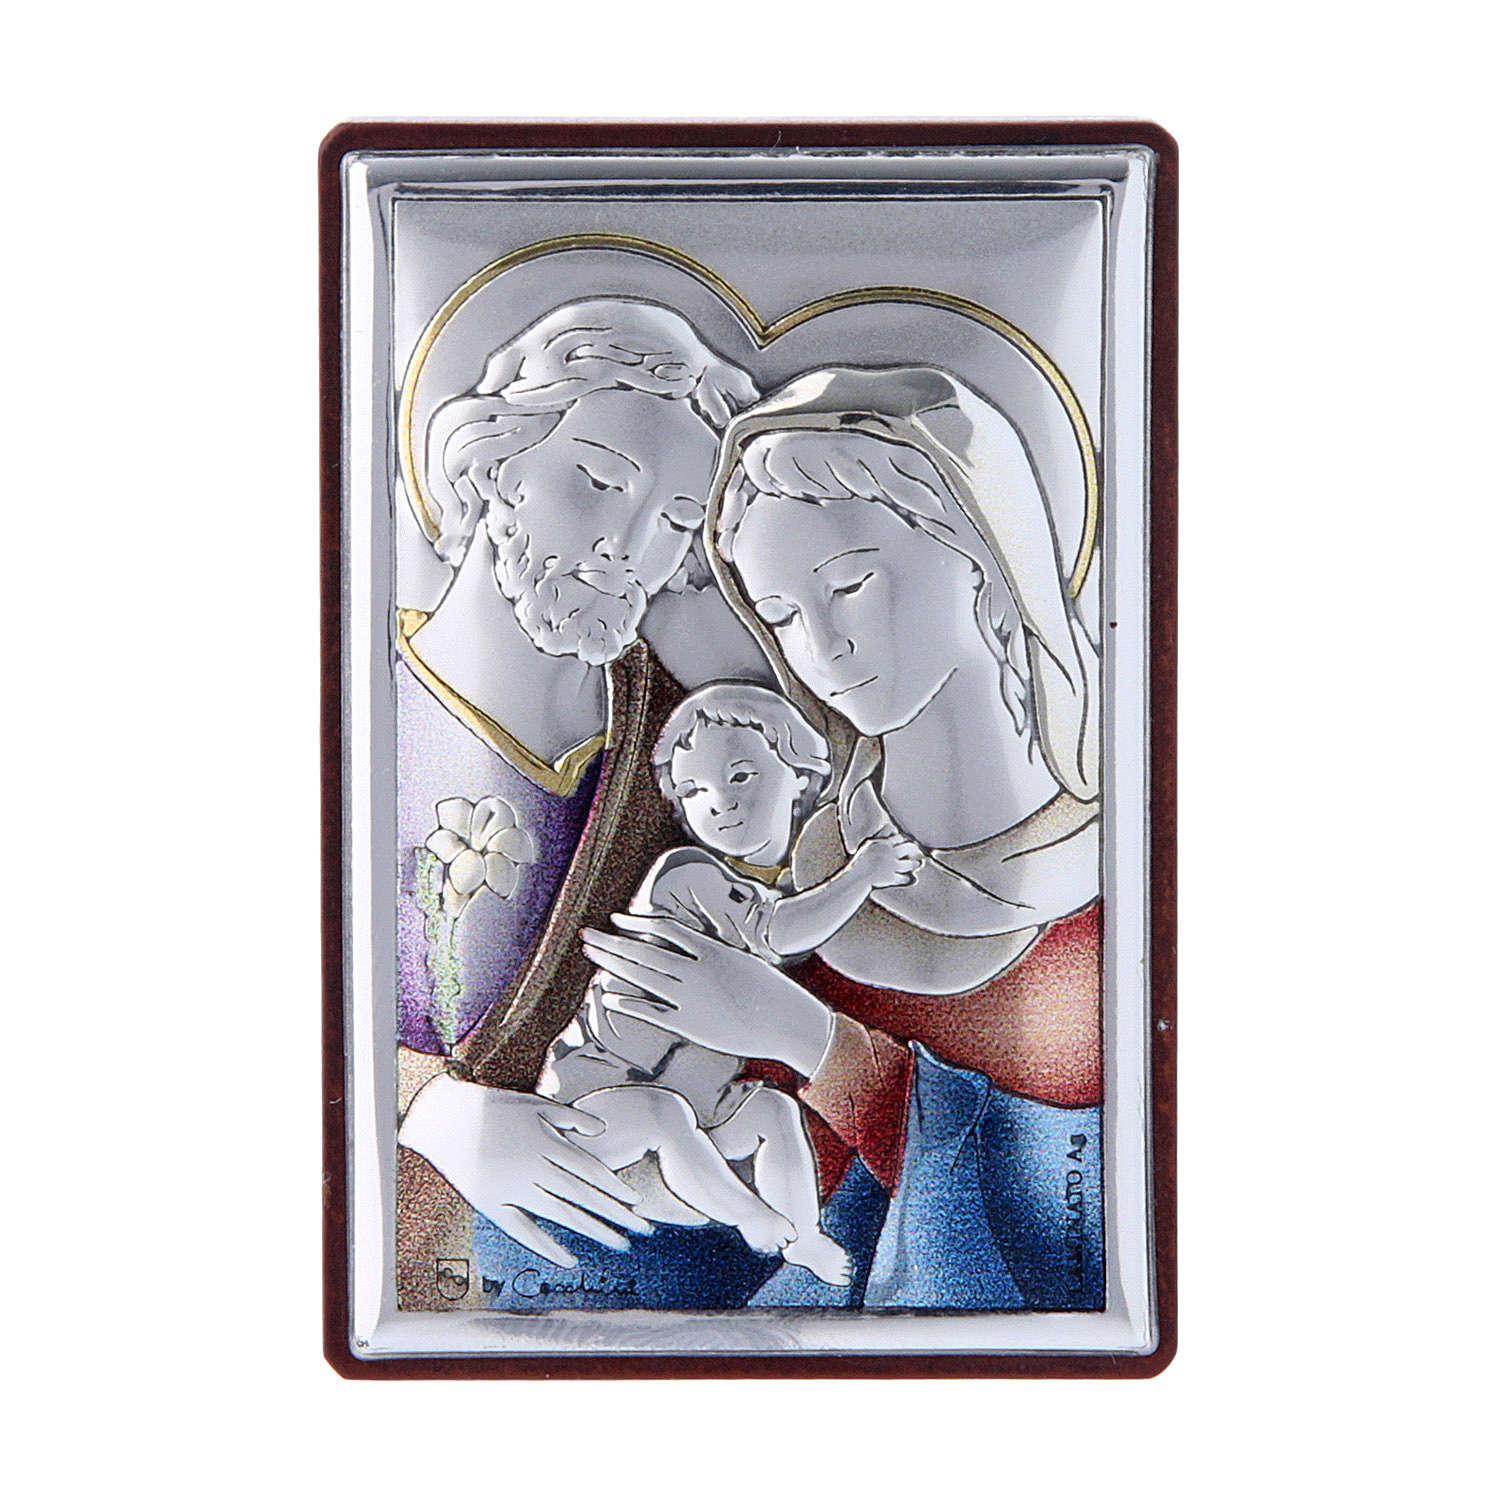 Obraz Święta Rodzina bilaminat kolorowy tył z prestiżowego drewna 6x4 cm 4